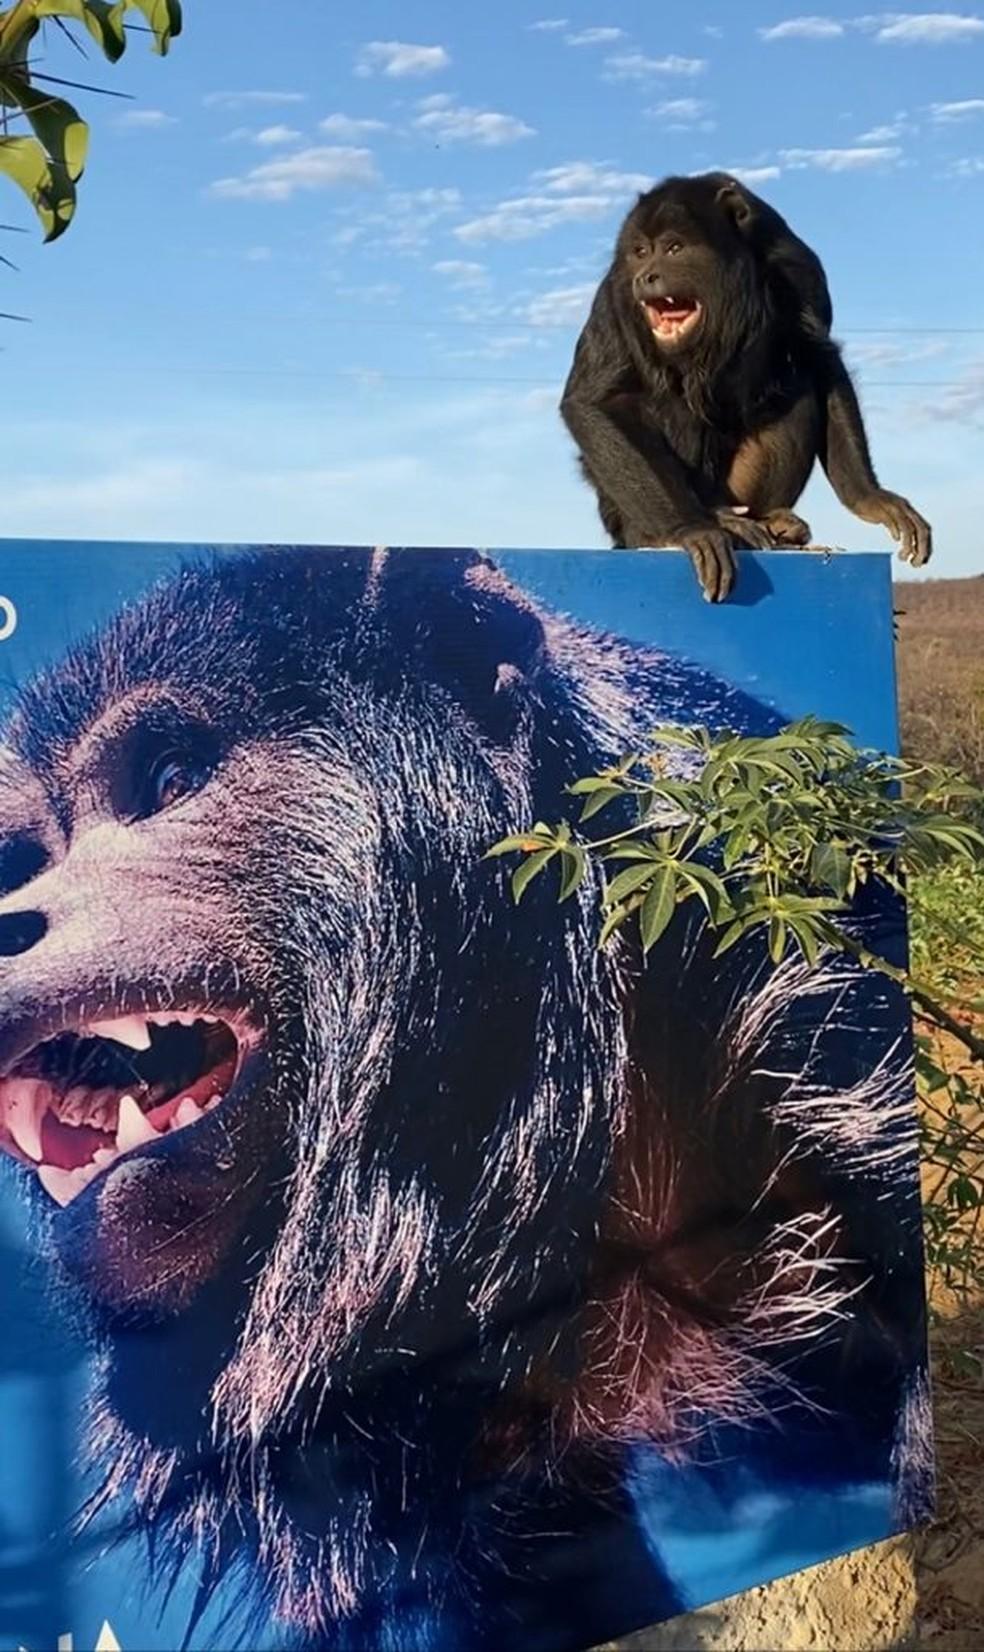 Macaco bugio ataca duas mulheres e uma criança em São Raimundo Nonato, Sul do Piauí — Foto: André Pessoa/Arquivo pessoal